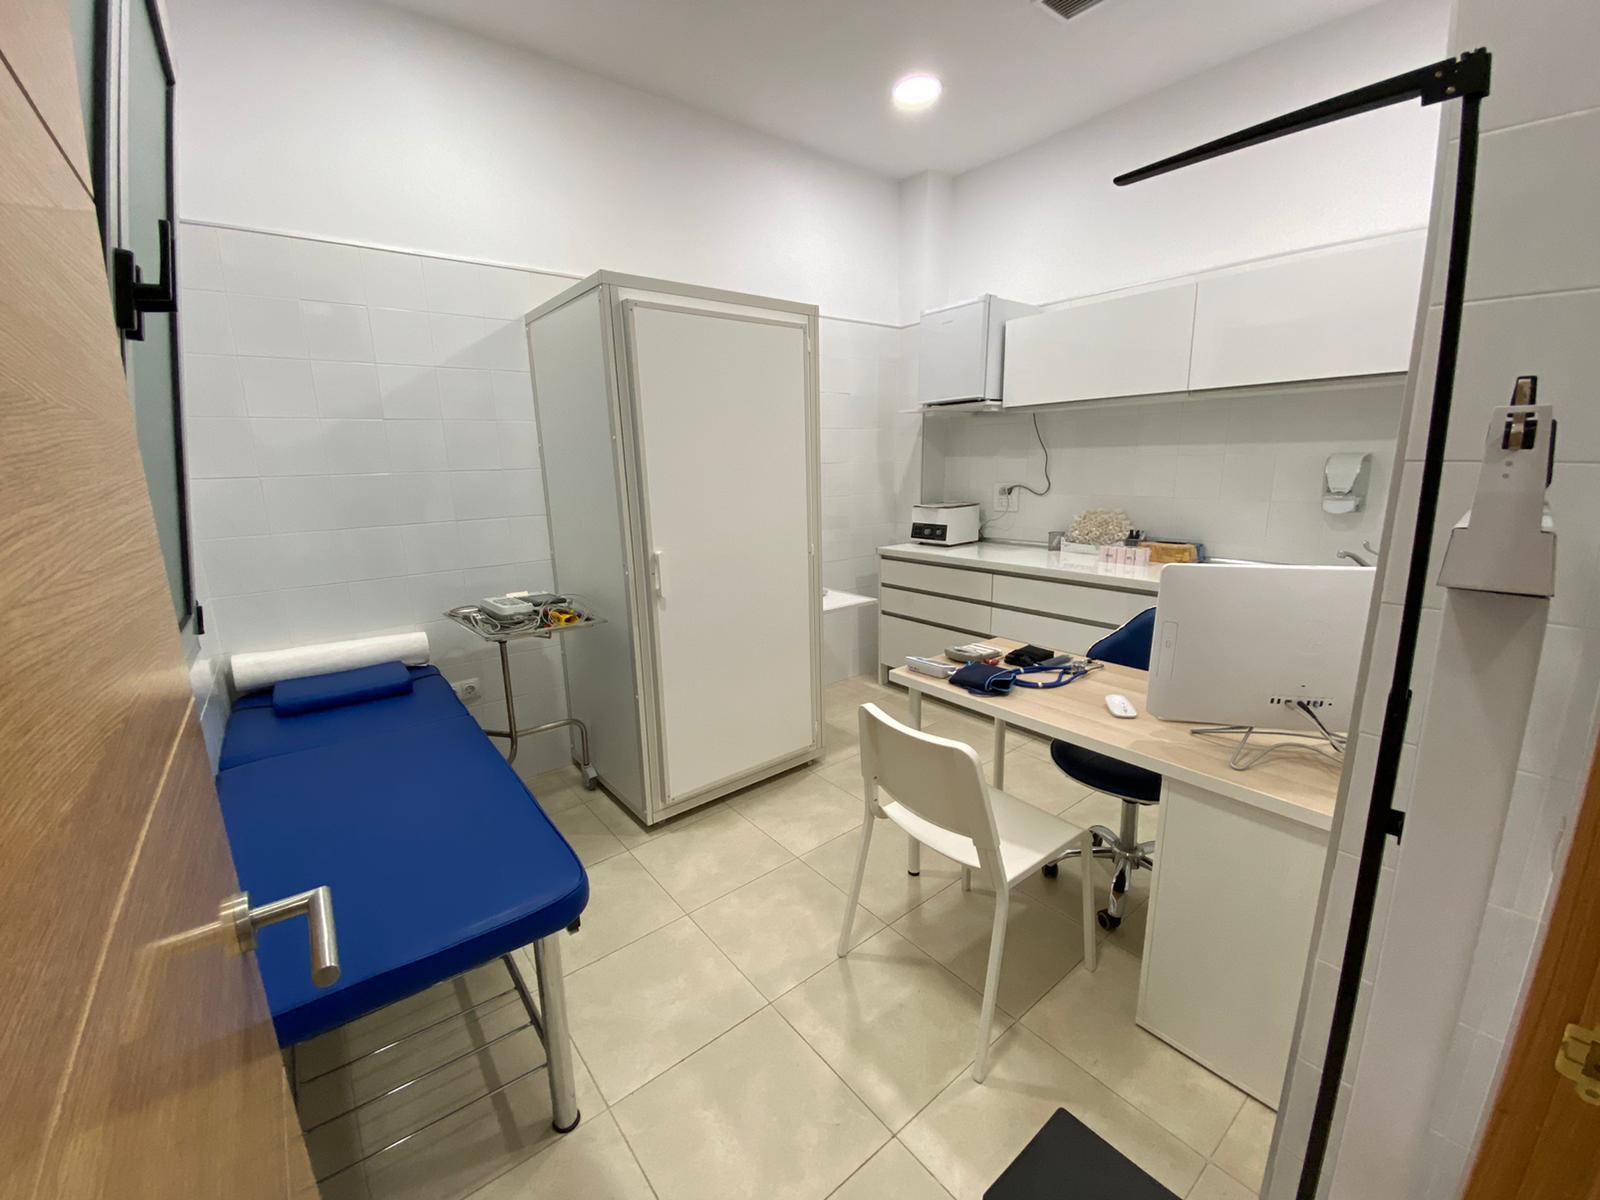 ENFERMERIA - RECONOCIMIENTOS MEDICOS ALCARAVANERAS